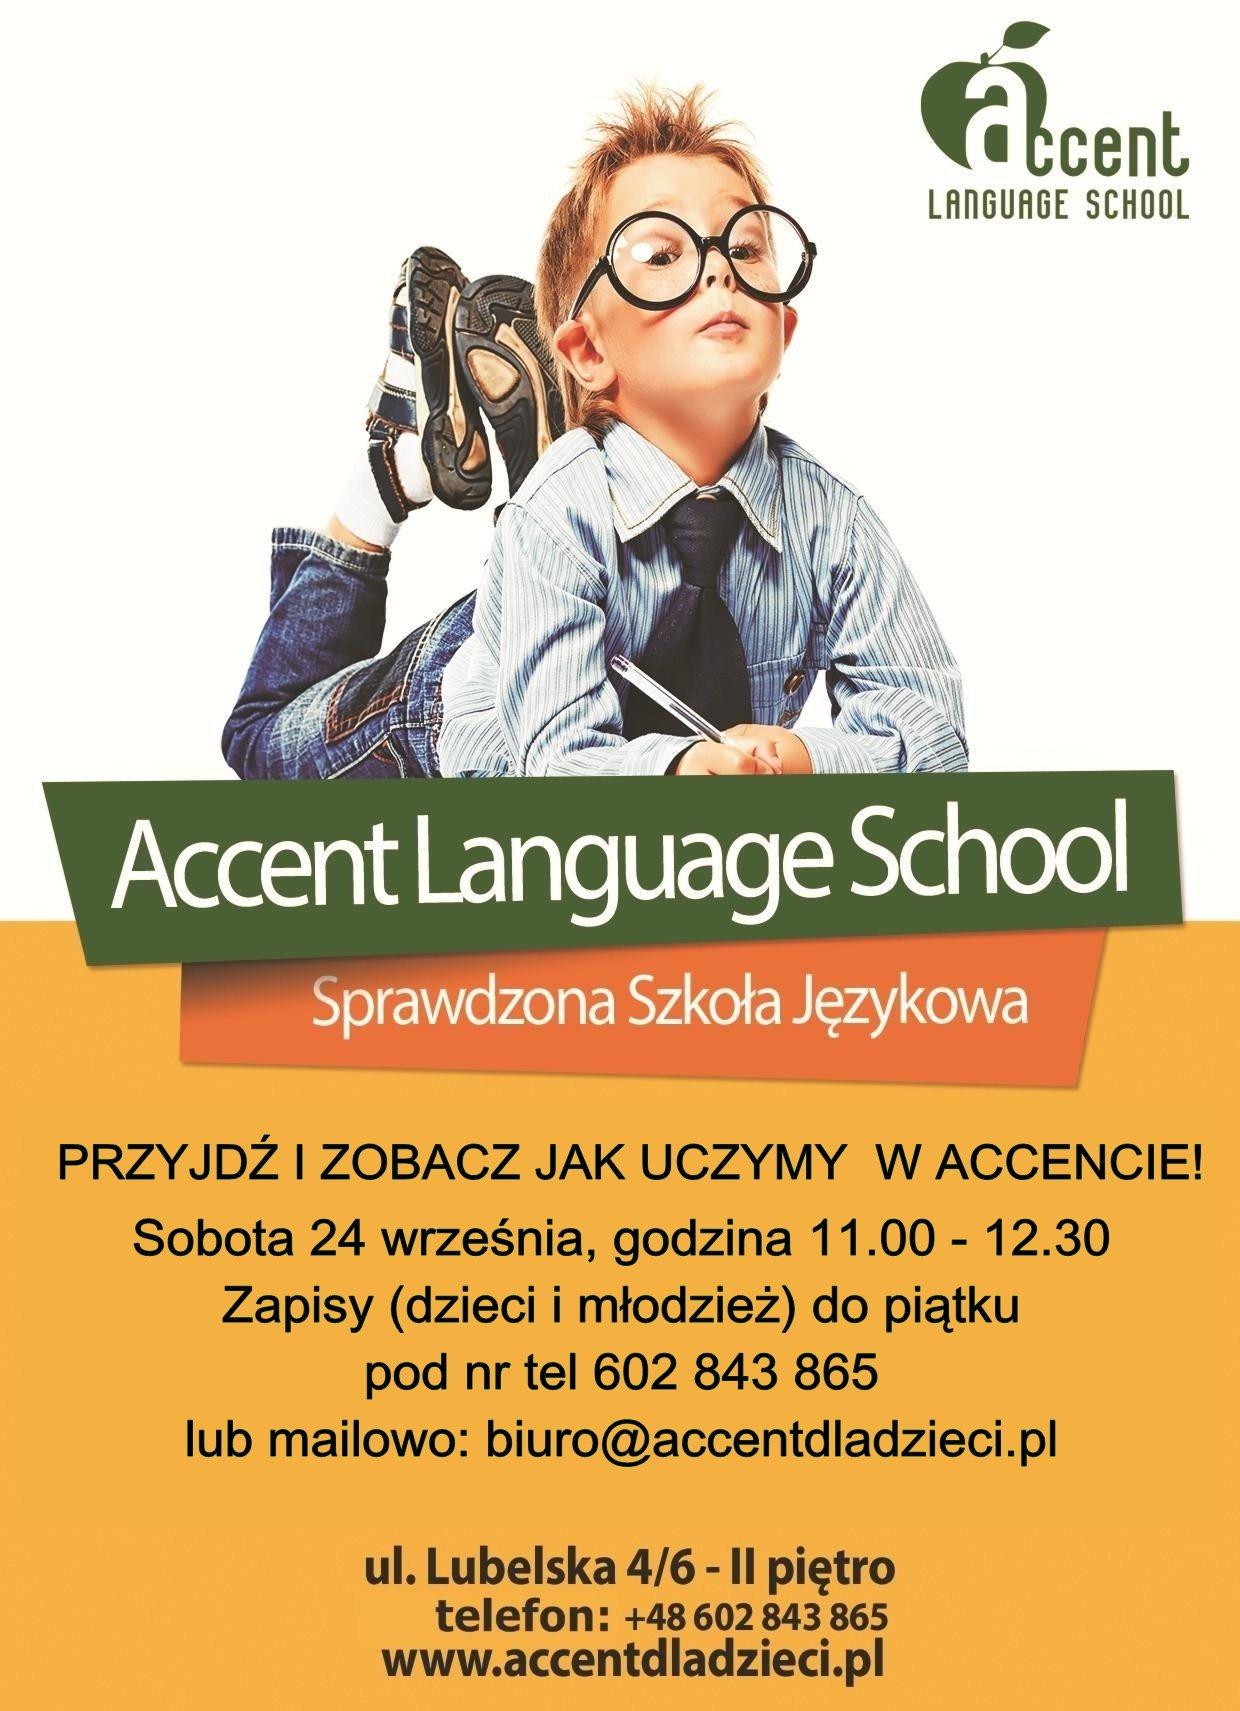 Zajęcia (gratisowe) z angielskiego w sobotę W Accencie